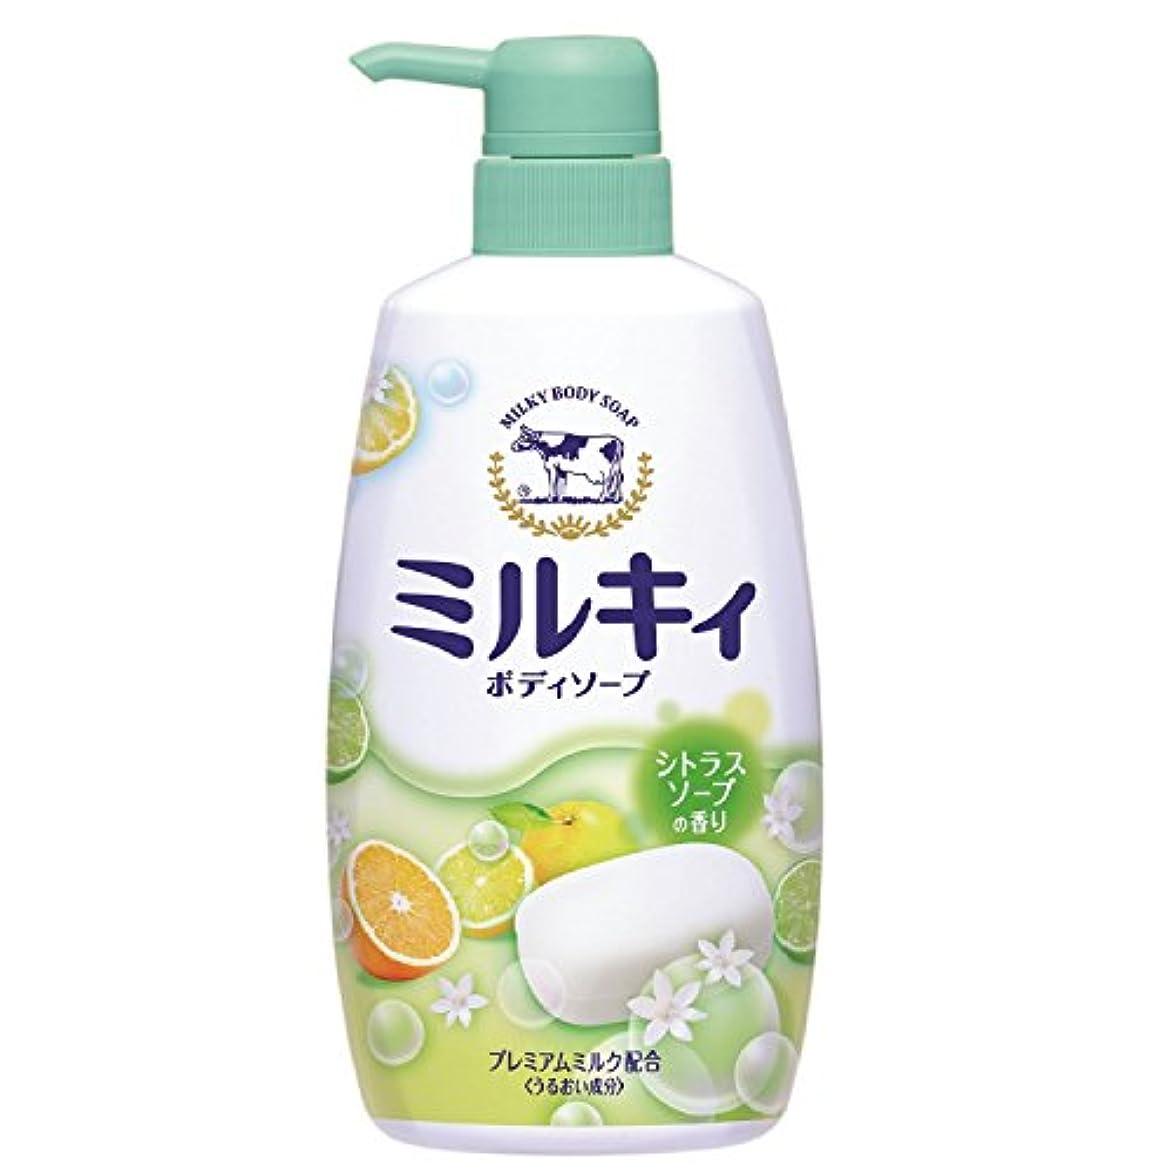 物思いにふけるウォーターフロント塩辛いミルキィボディソープシトラスソープの香り ポンプ  550mL